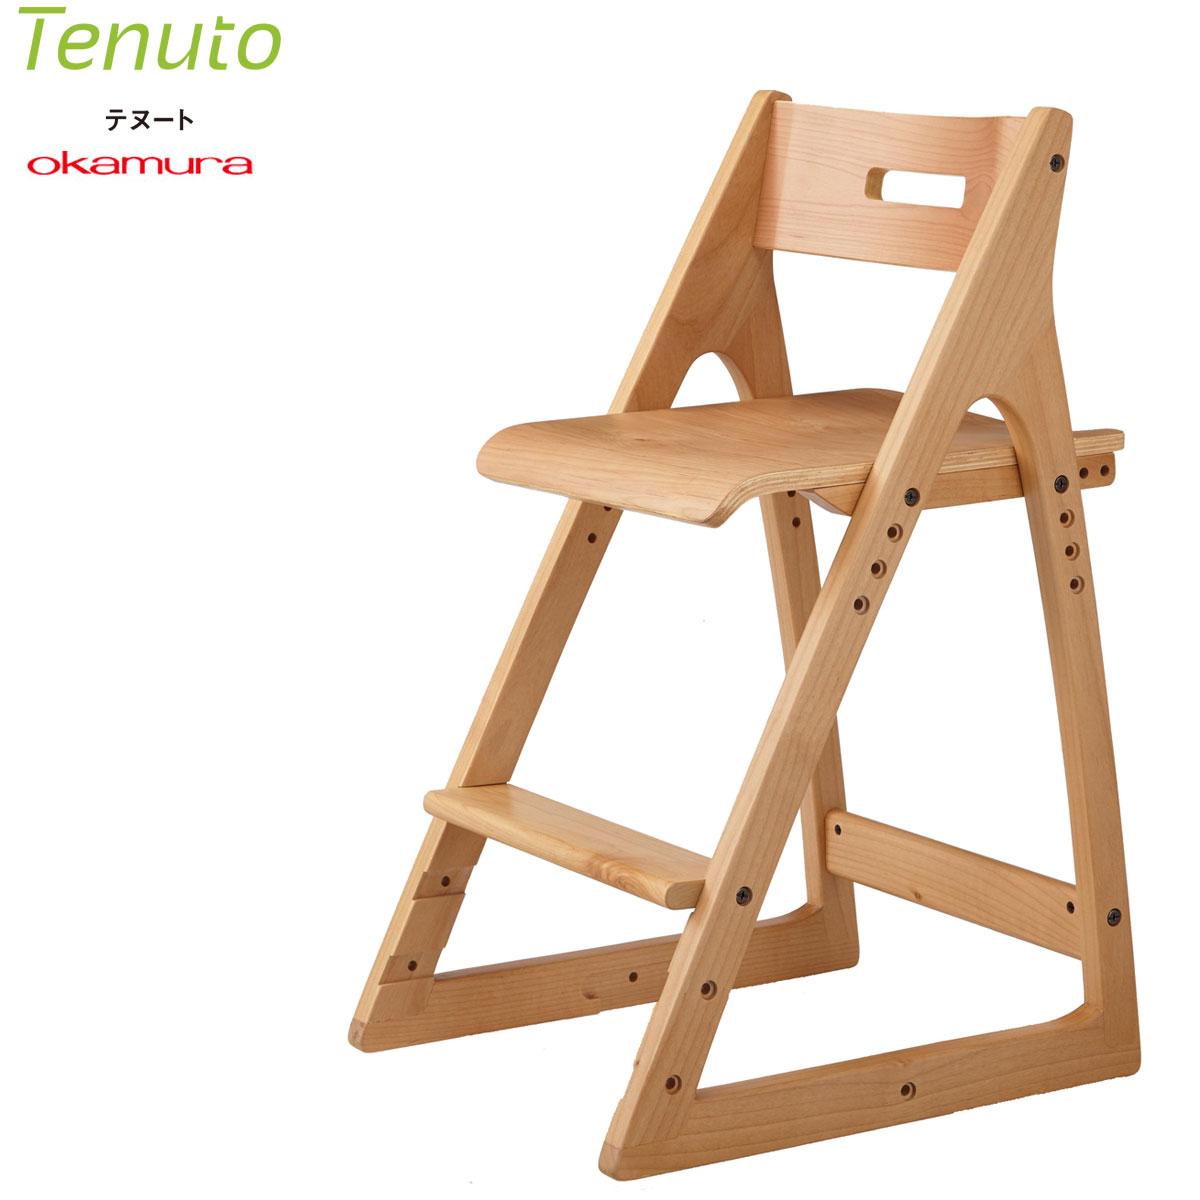 オカムラ テヌート チェア 木製 アルダーティーブラウン 865FBC-WD13